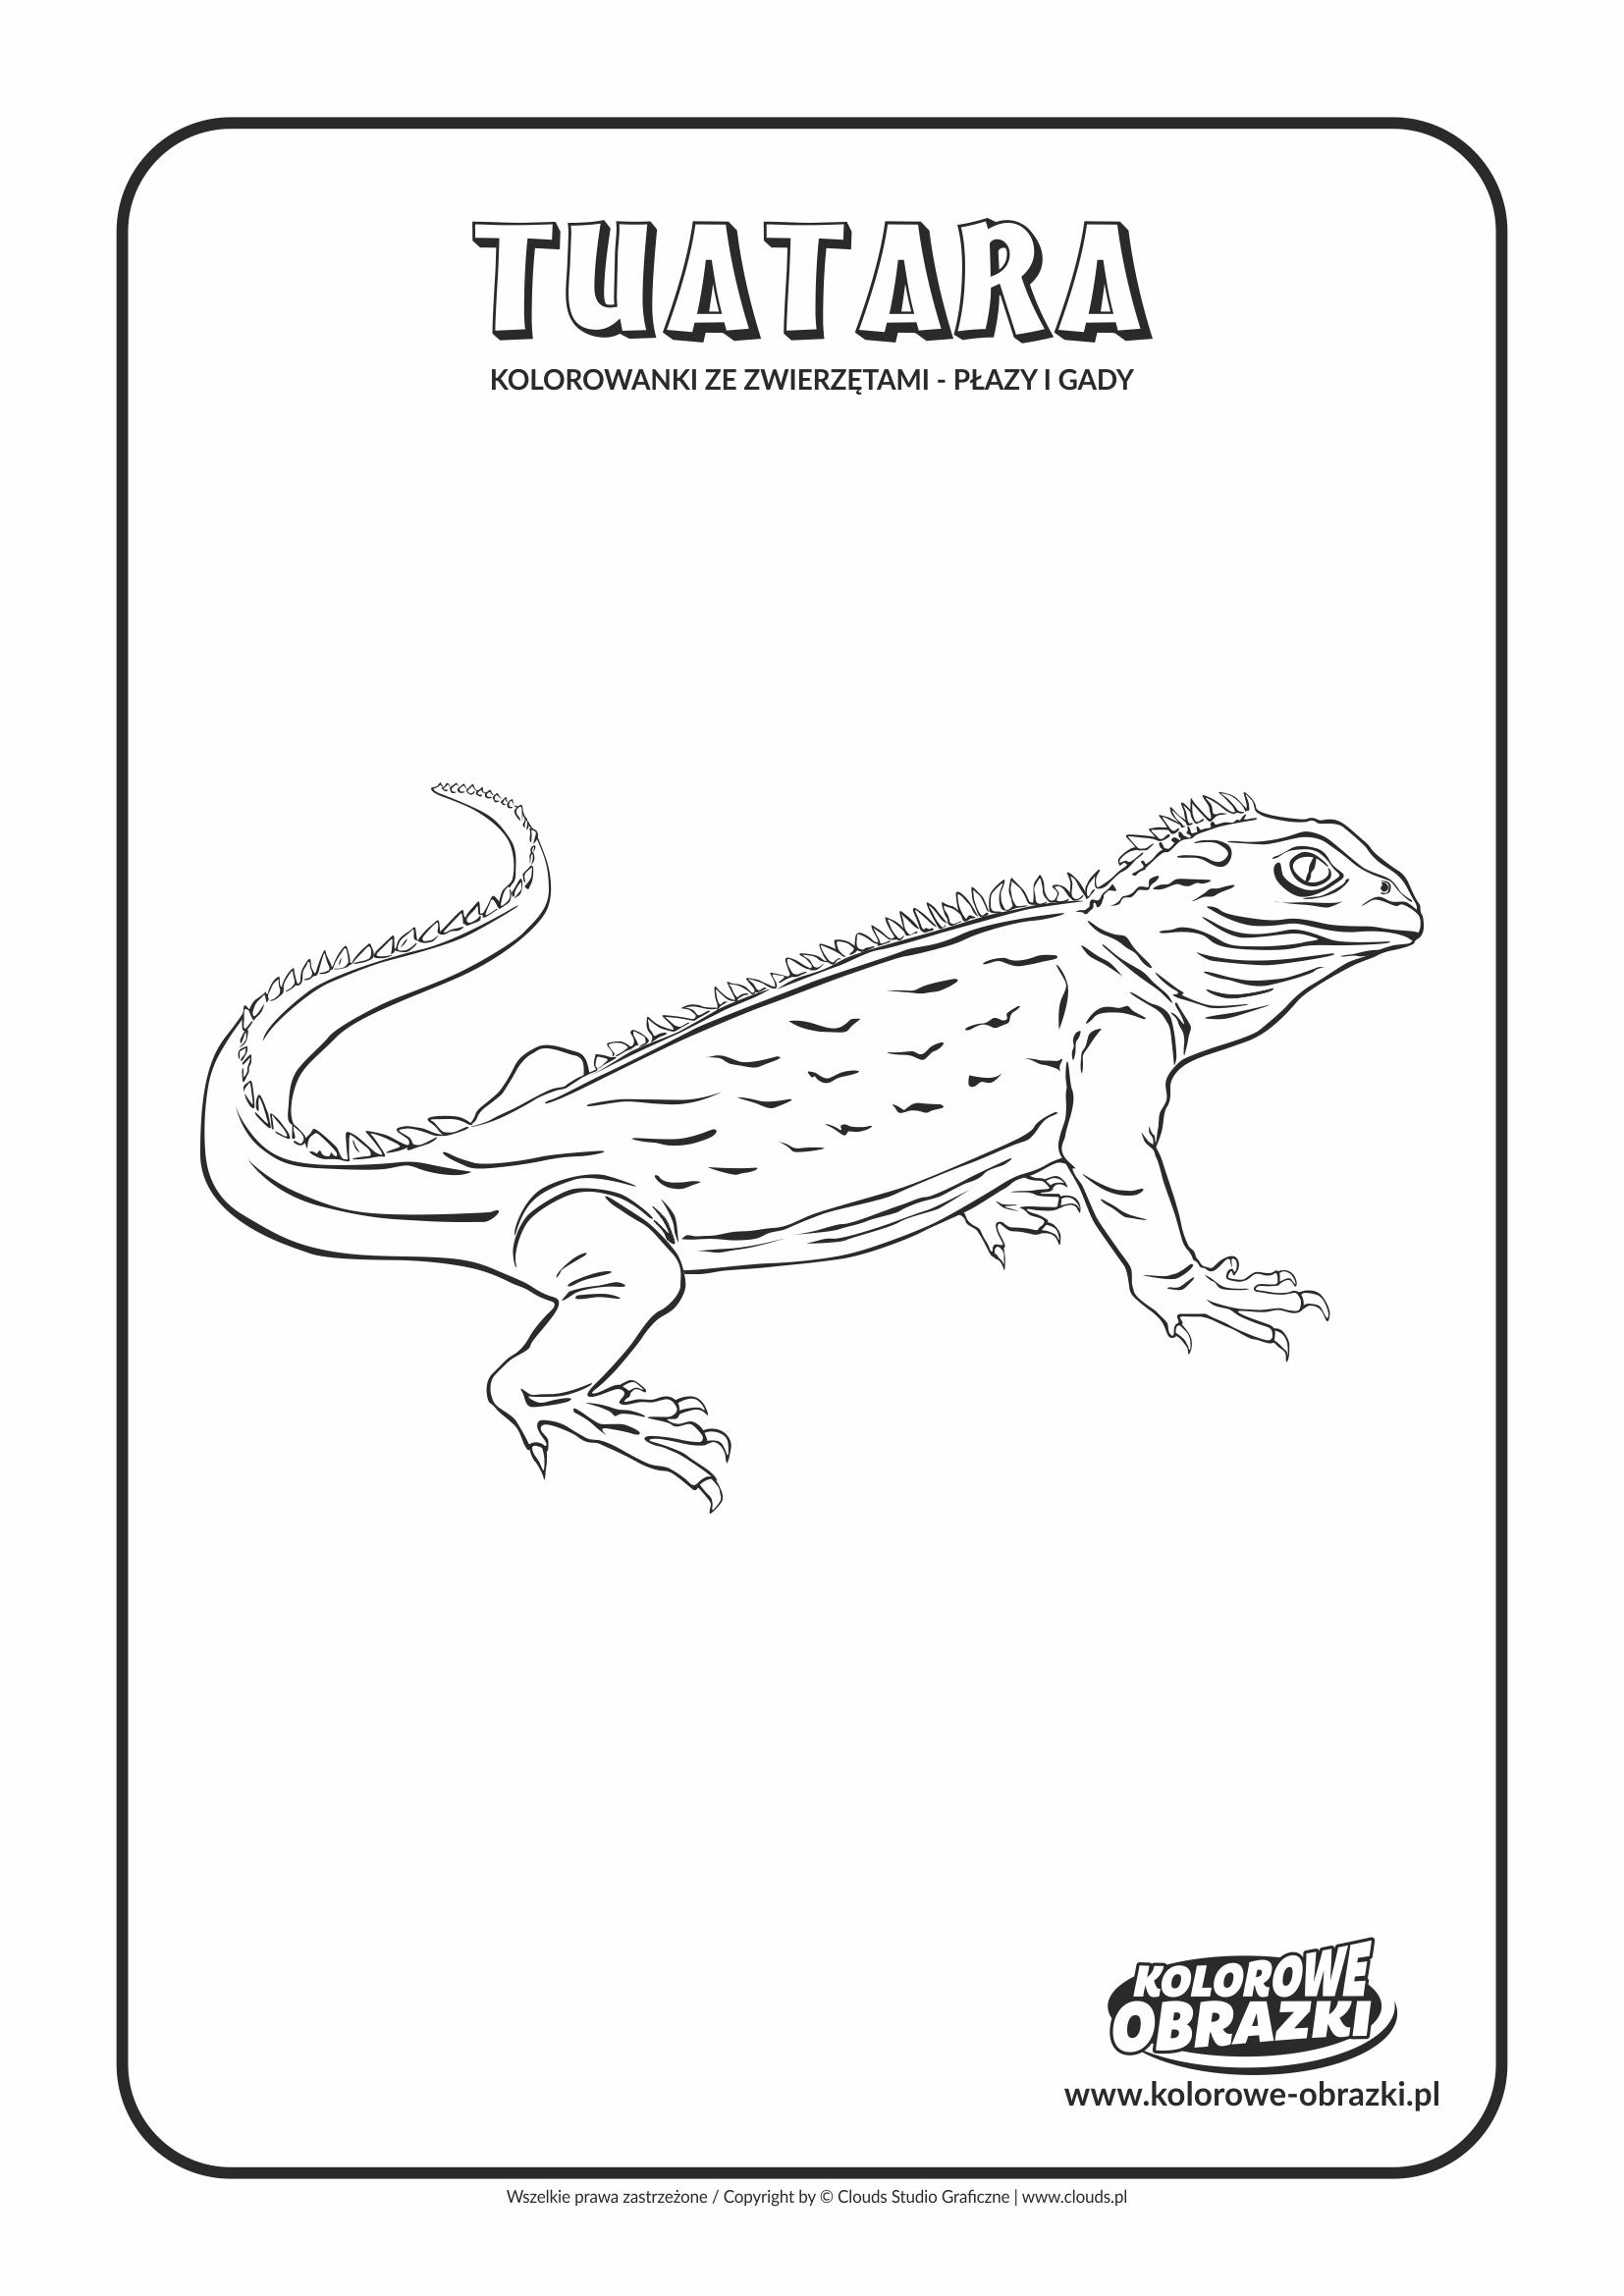 Kolorowanki dla dzieci - Zwierzęta / Tuatara. Kolorowanka z tuatarą